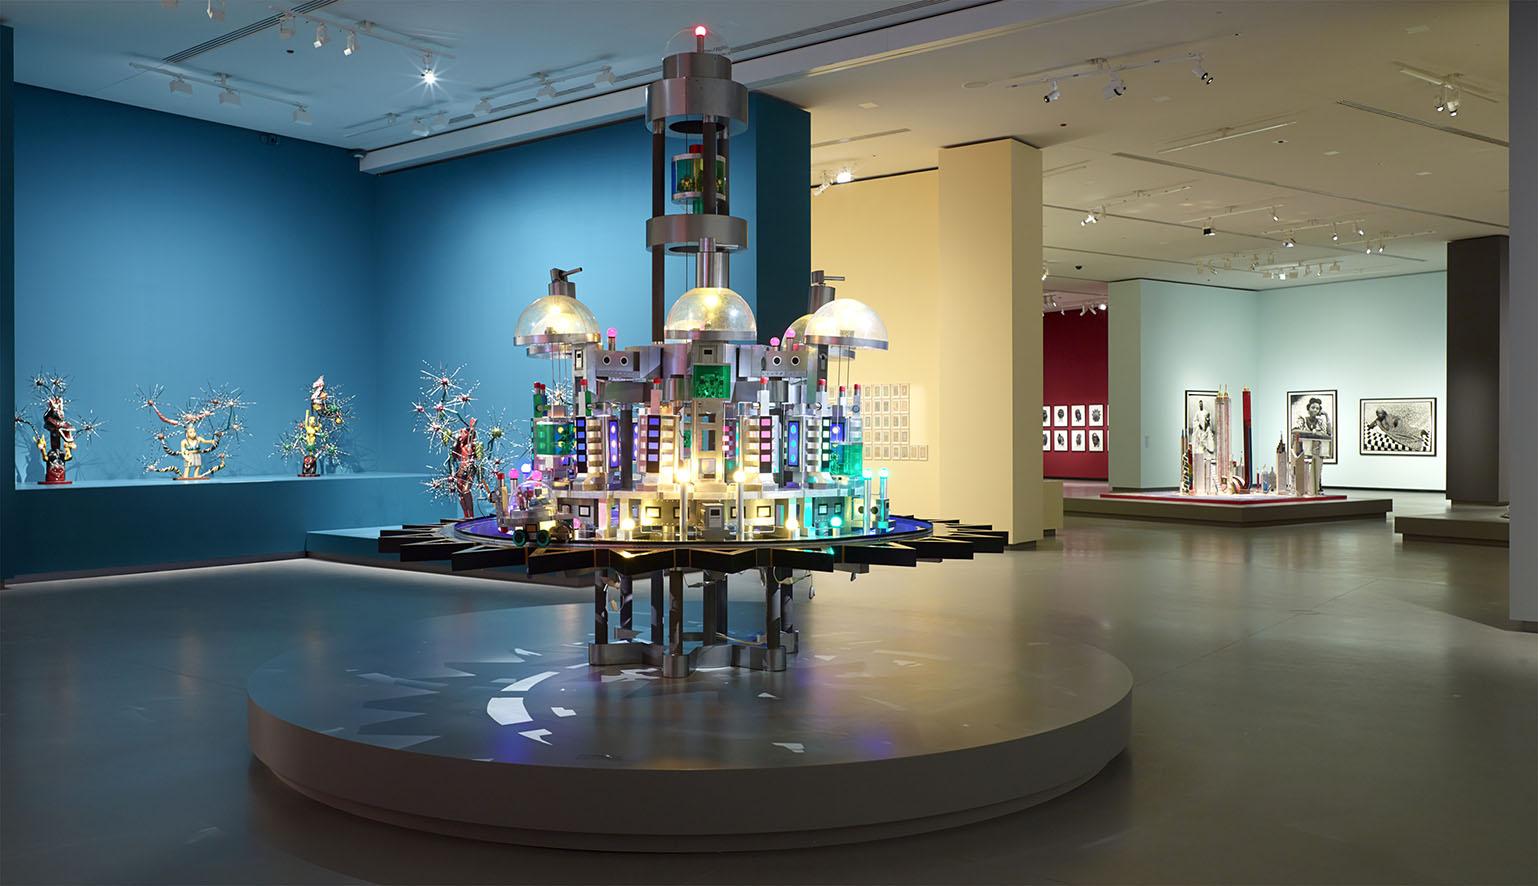 LES INTIÉS_Vue d'installation de l'exposition_3_photo ©Fondation Louis Vuitton - Marc Domage.jpg